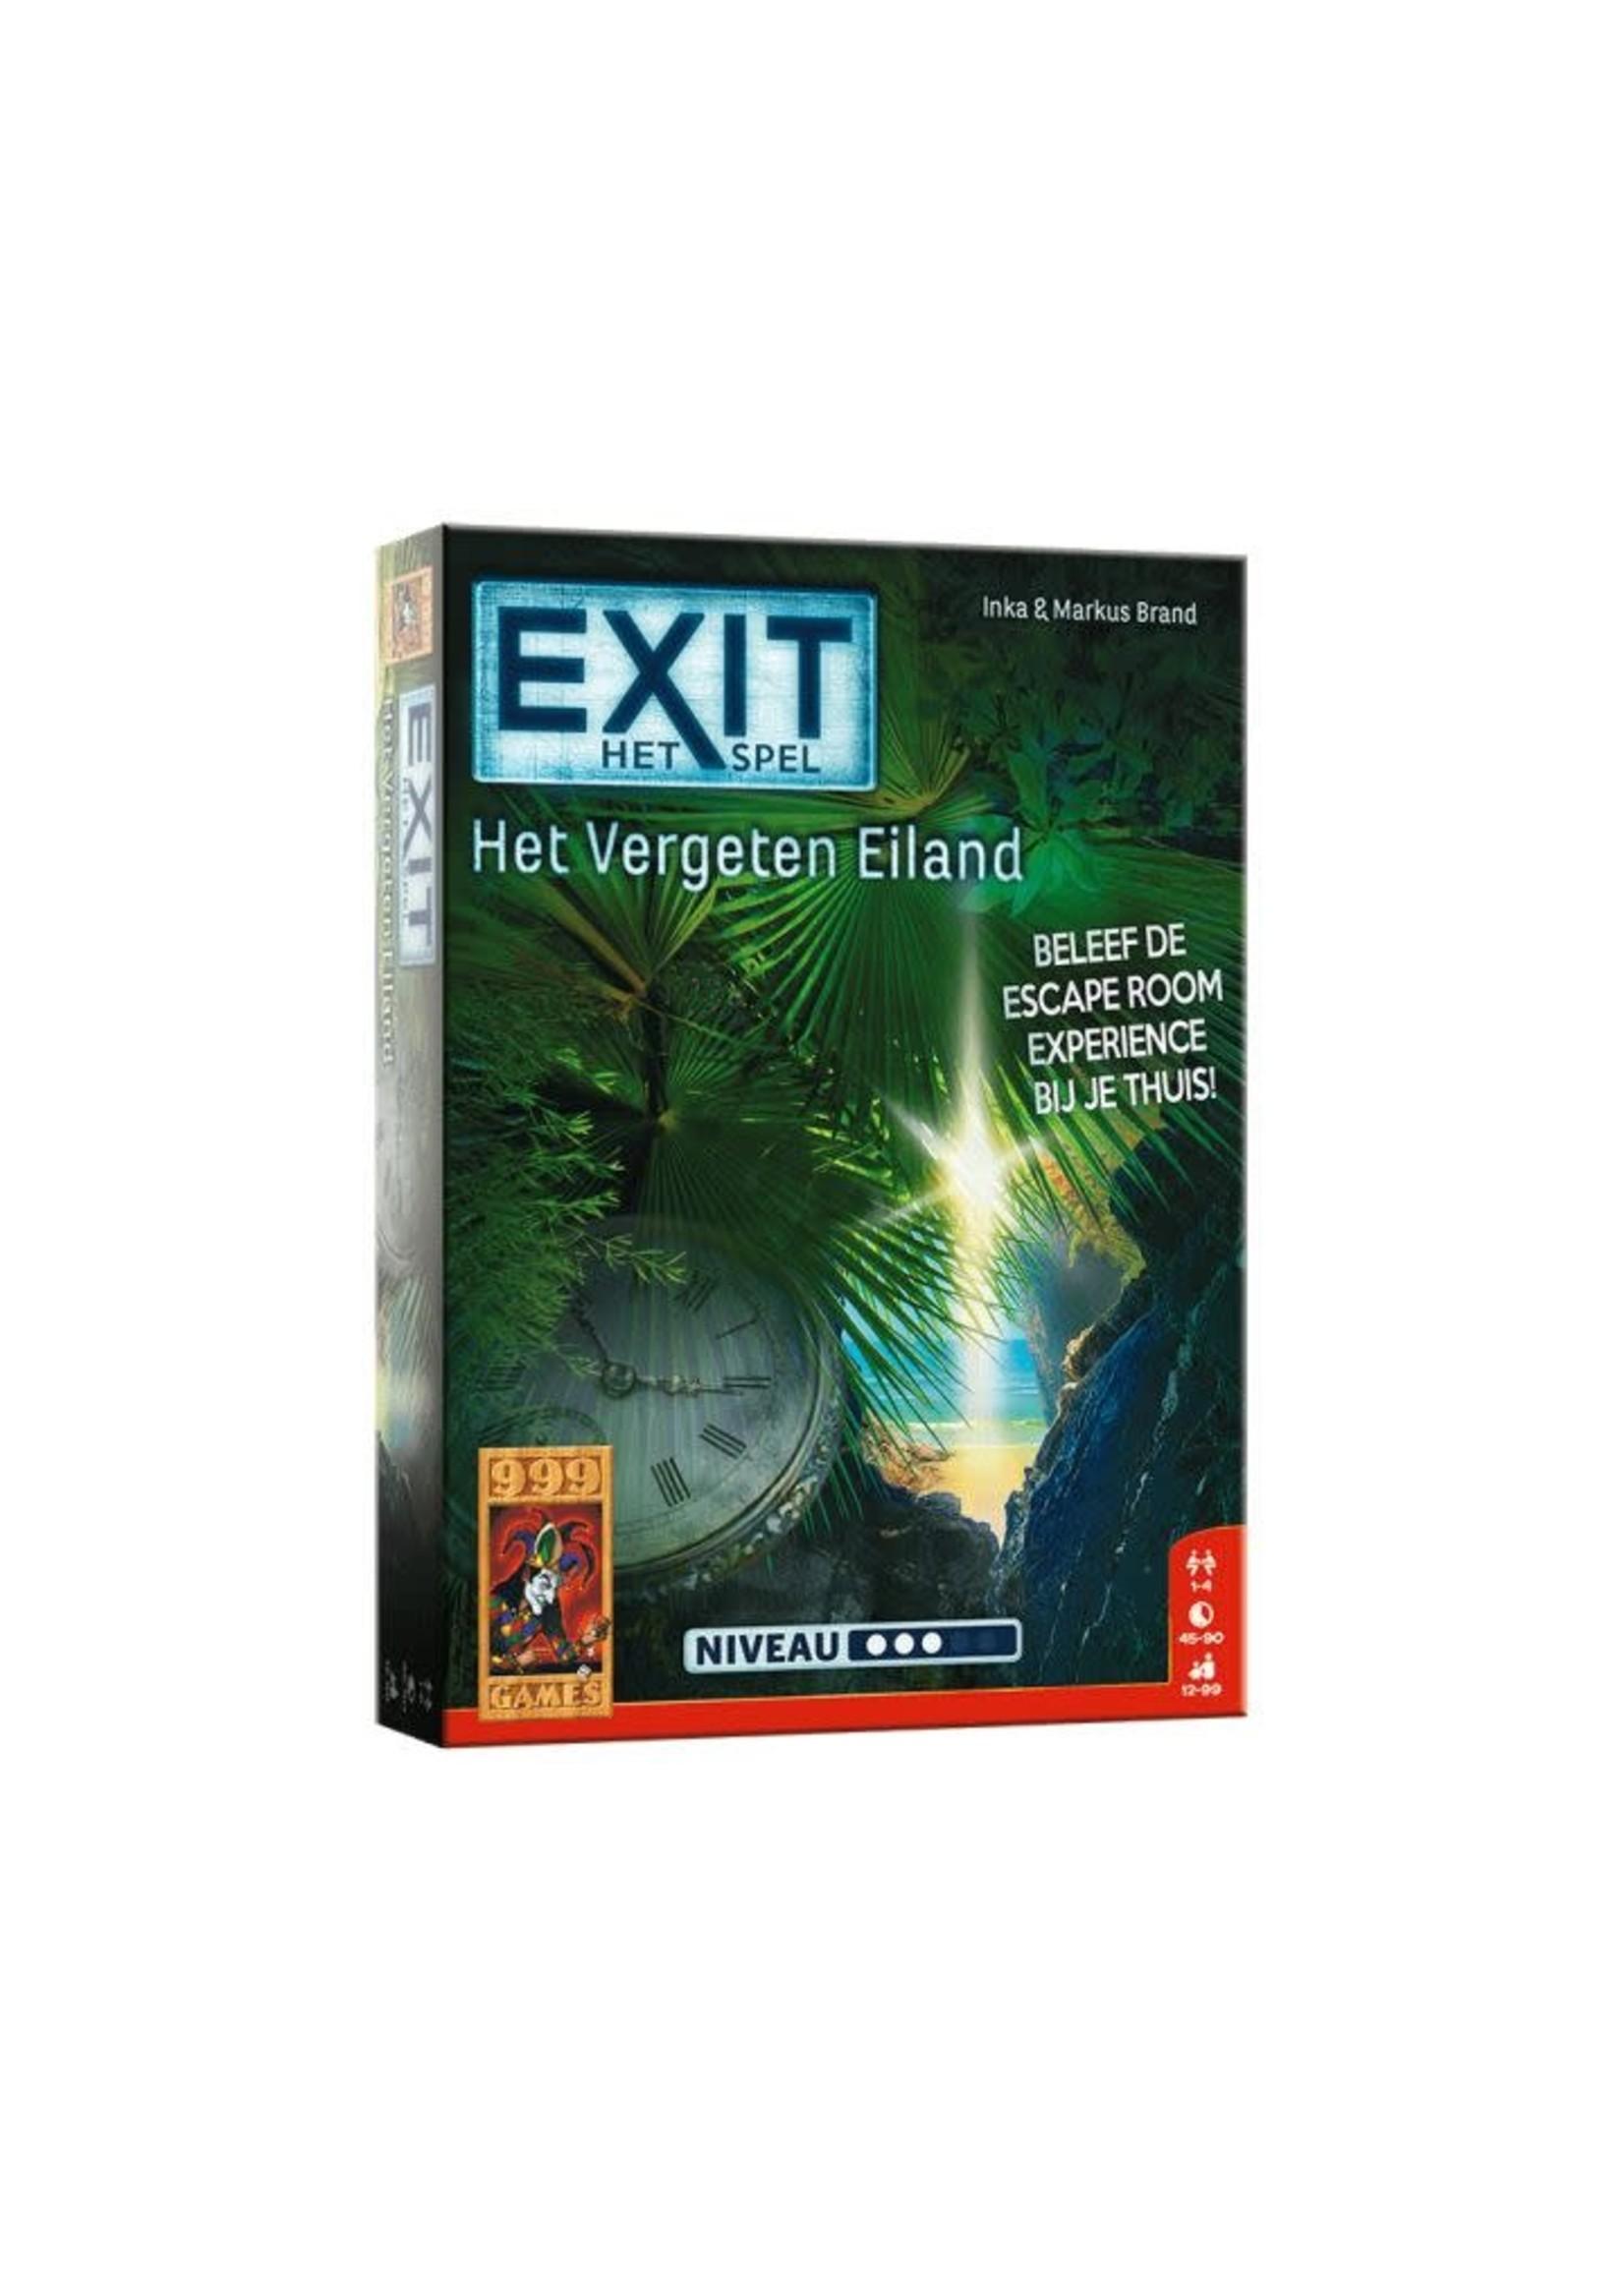 Exit - Het Vergeten Eiland